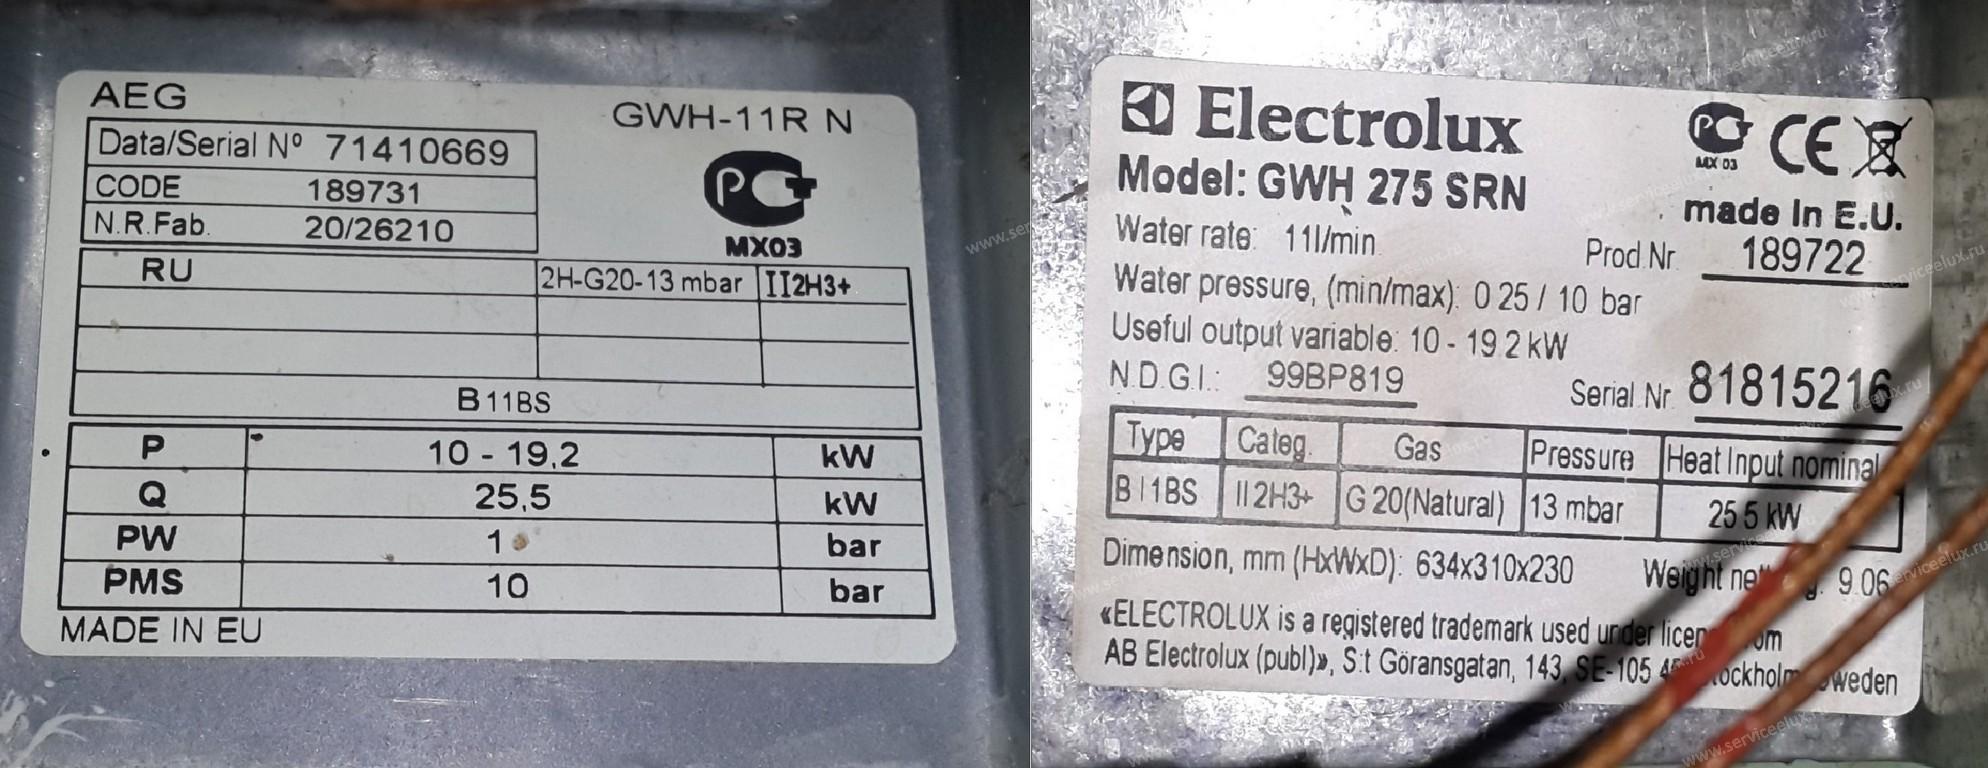 Electrolux gwh275srn теплообменник почистить из какой стали сделать теплообменник для котла